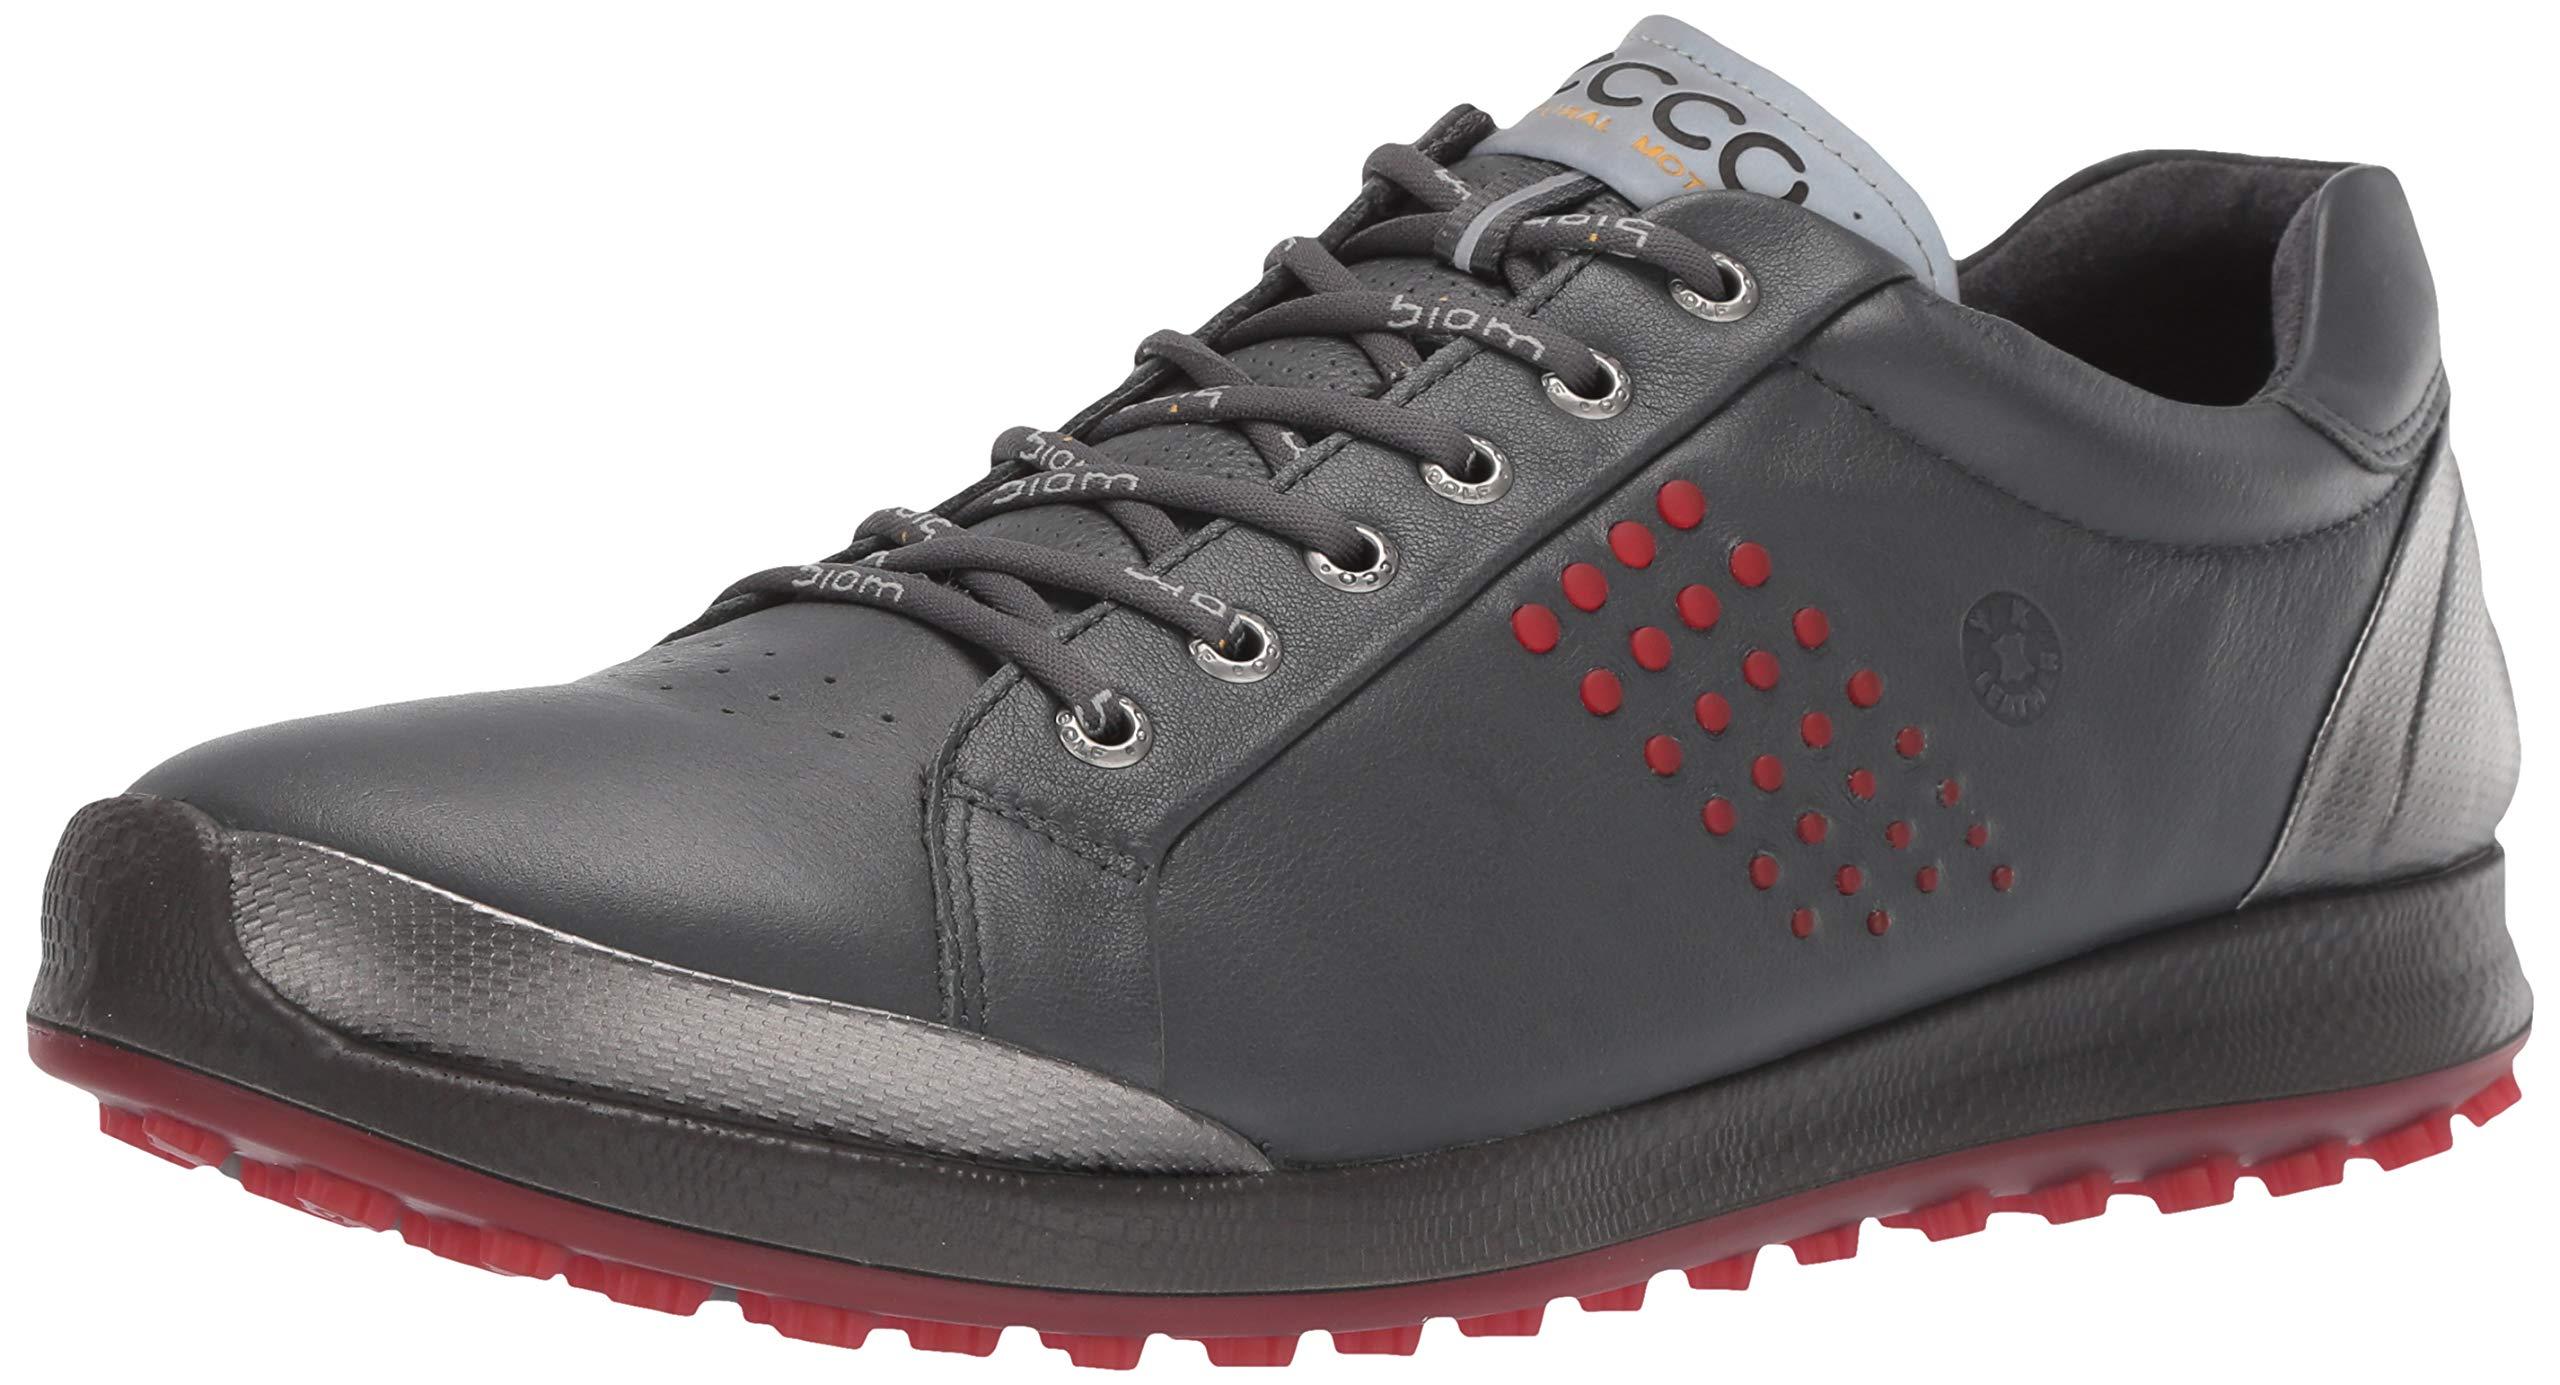 ECCO Men's Biom Hybrid 2 Hydromax Golf Shoe Dark Shadow Yak Leather 39 M EU (5-5.5 US)